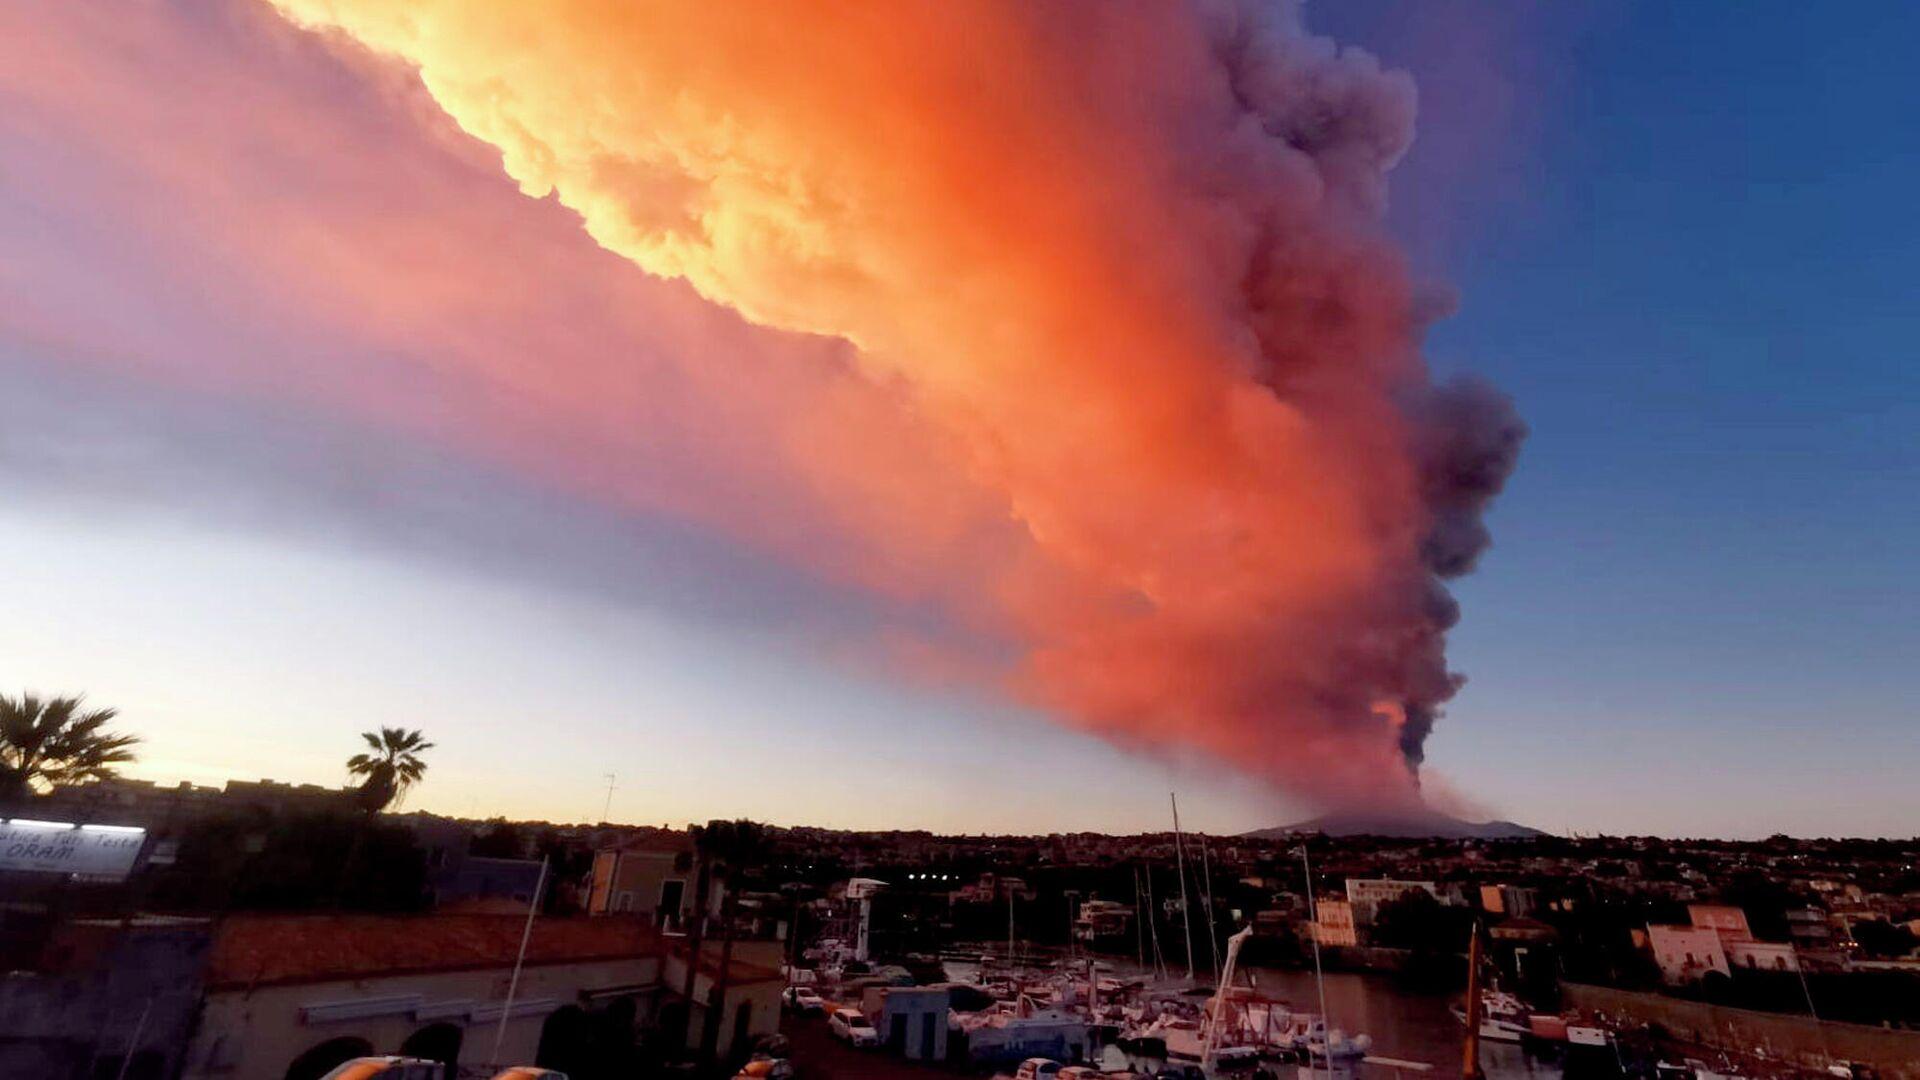 Извержение вулкана Этна в Италии. 16 февраля 2021 - РИА Новости, 1920, 26.02.2021